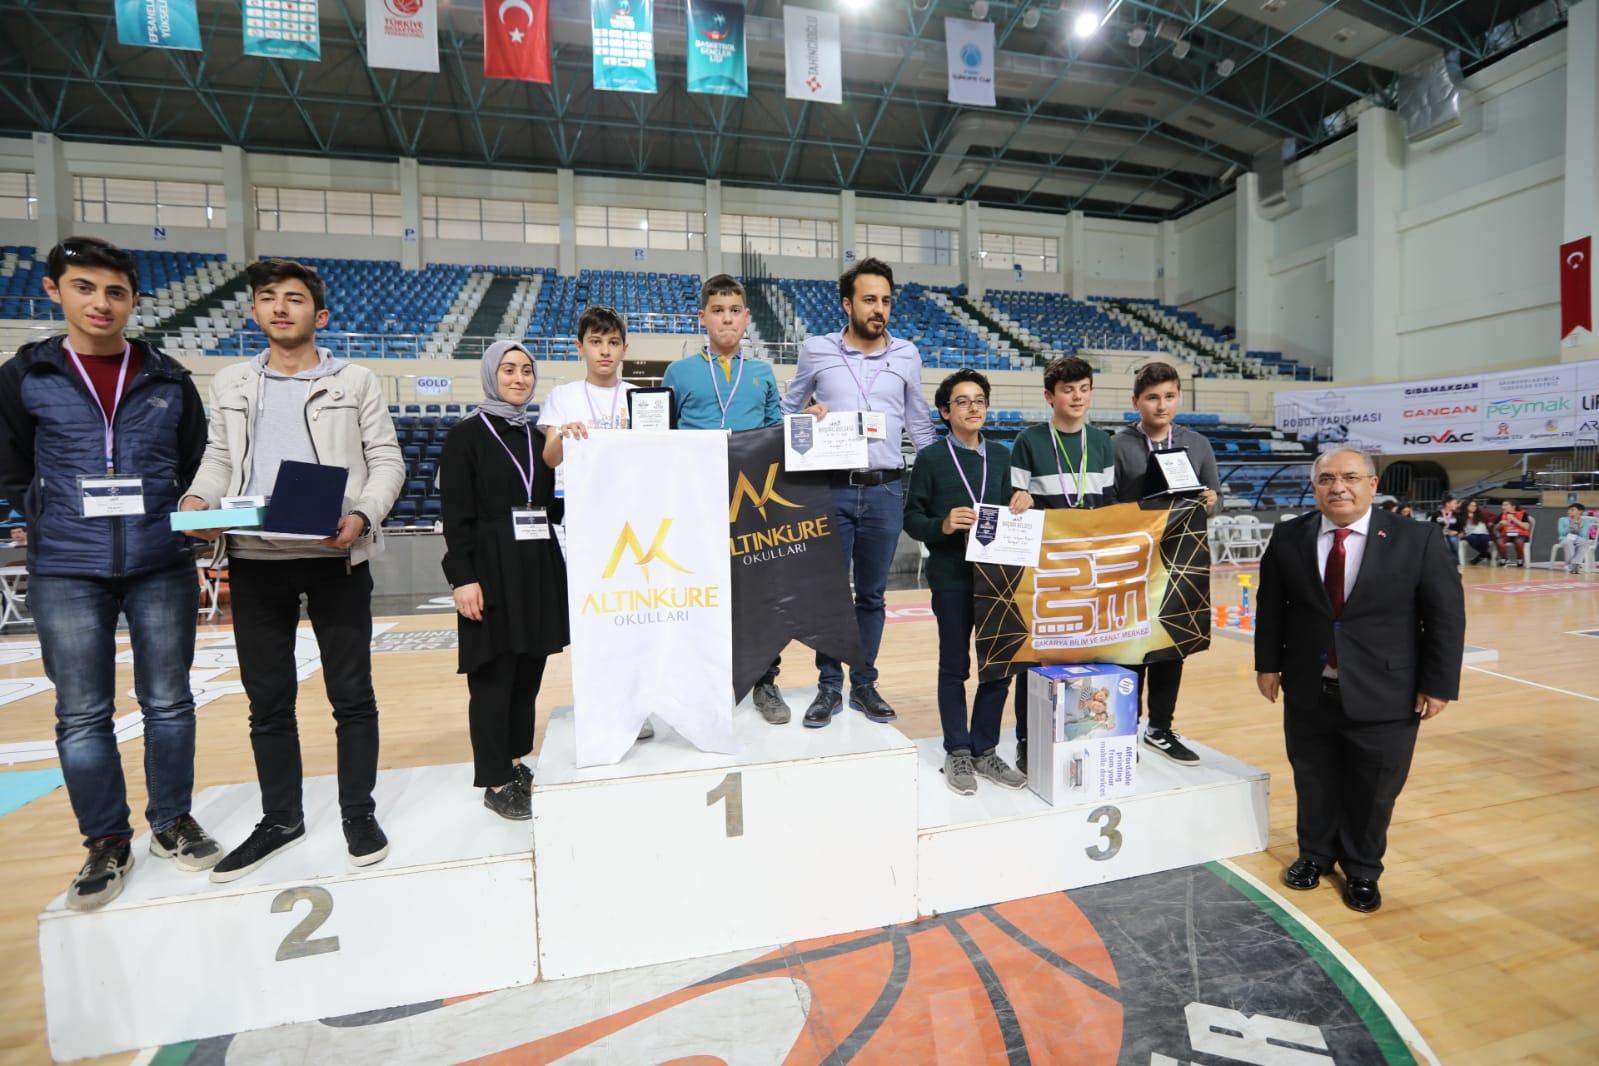 Edurotech Robot Yarışması Ödül Töreni gerçekleşti.